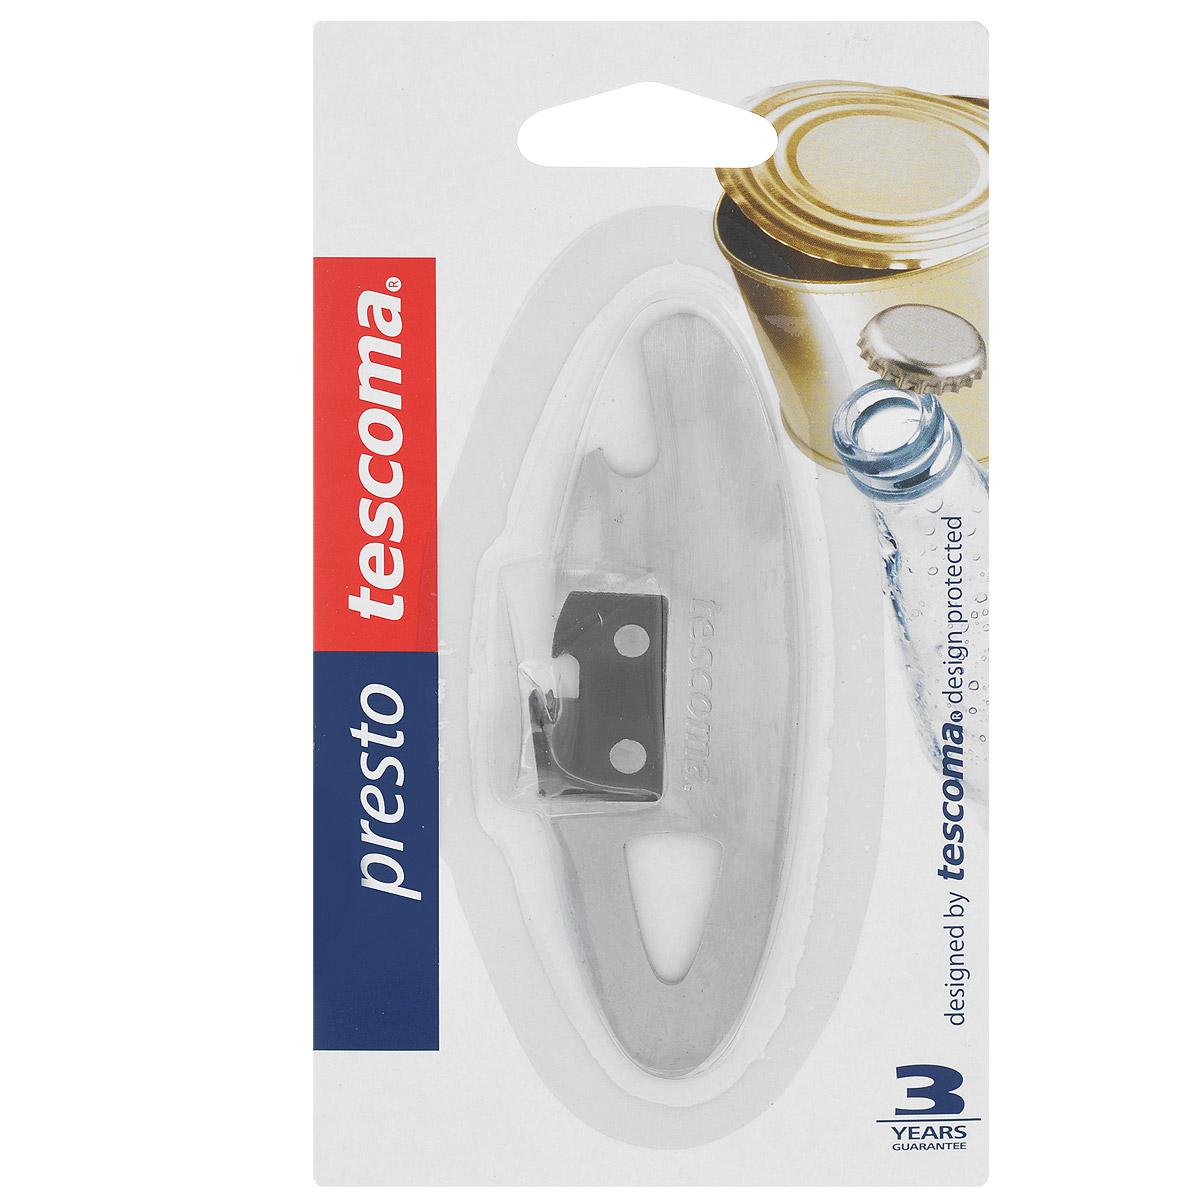 Нож консервный Tescoma Presto, компактный, длина 10,5 см420252Консервный нож Tescoma Presto выполнен из высококачественной нержавеющей стали 18/10. С помощью этого компактного консервного ножа вы сможете без приложения усилий со своей стороны открыть любую жестяную консервную банку. Консервный нож Tescoma Presto займет достойное место среди аксессуаров на вашей кухне. Оригинальный дизайн и качество исполнения не оставят равнодушными ни тех, кто любит готовить, ни опытных профессионалов-поваров. Общая длина ножа: 10,5 см.Компактный консервный нож Tescoma изготовлен из нержавеющей стали. Предназначен для удобного открывания консервов. Так же нож прекрасно подойдет для открывания бутылок с кронен-пробками.